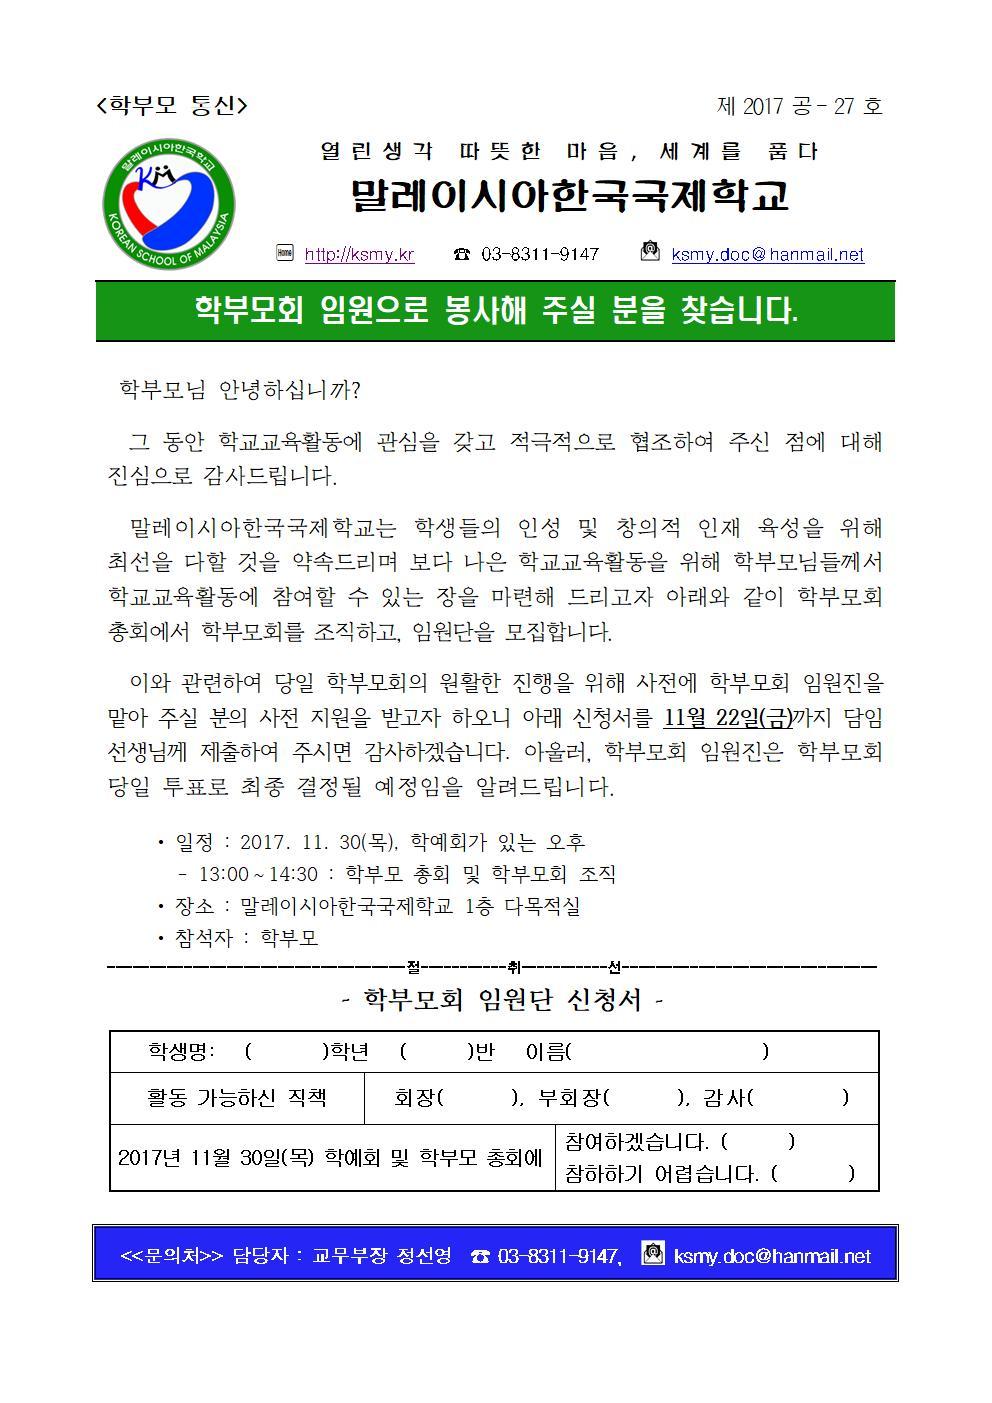 (가통 2017 공-27)_학부모회 총회 및 임원단 모집 안내001.jpg